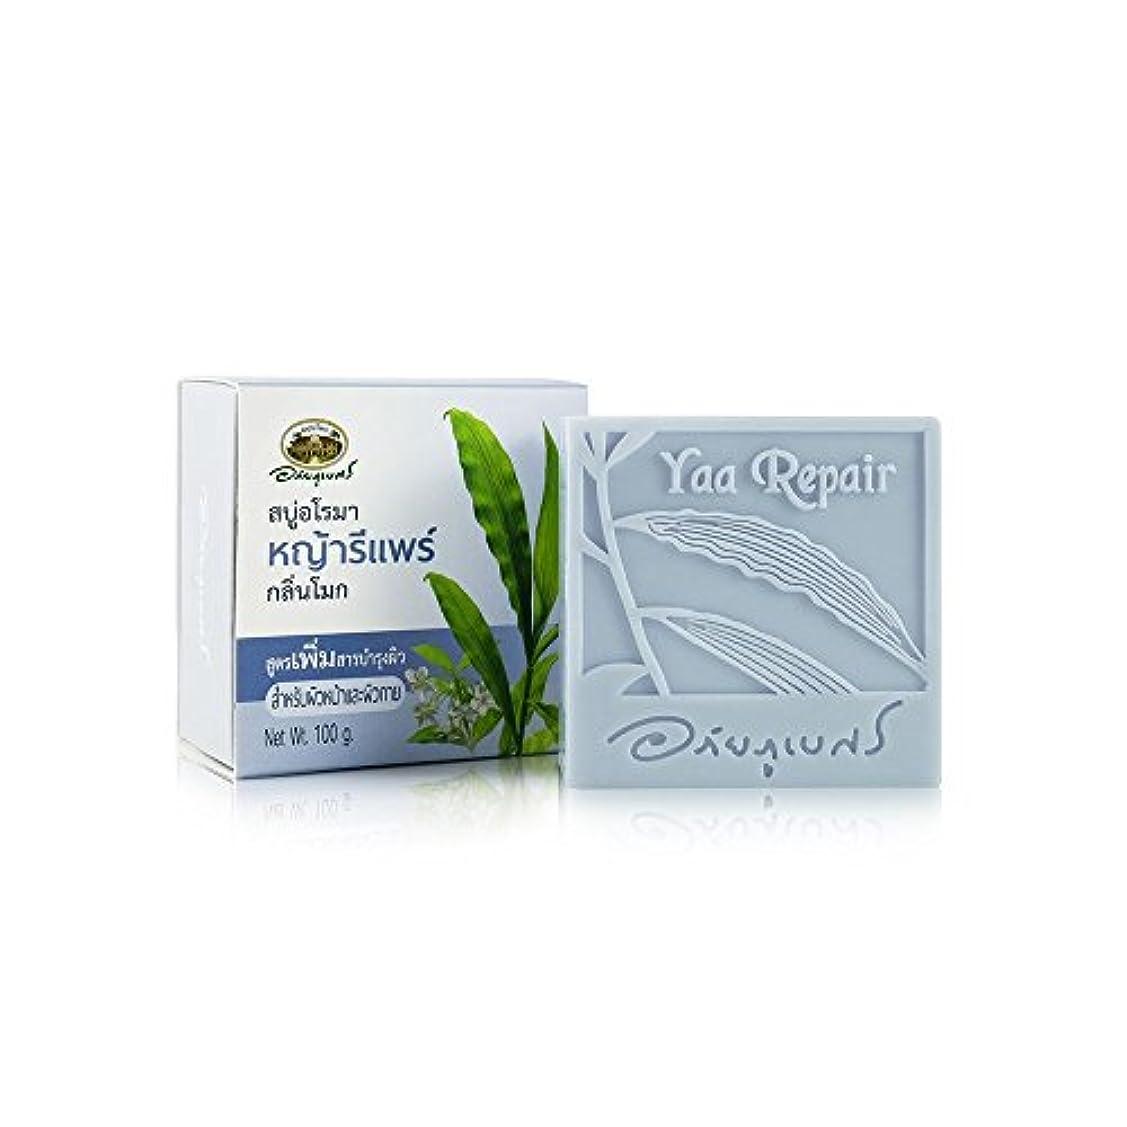 変わる出来事和解するAbhaibhubejhr Thai Aromatherapy With Moke Flower Skin Care Formula Herbal Body Face Cleaning Soap 100g. Abhaibhubejhrタイのアロマテラピーとモックフラワースキンケアフォーミュラハーバルボディフェイスクリーニングソープ100g。